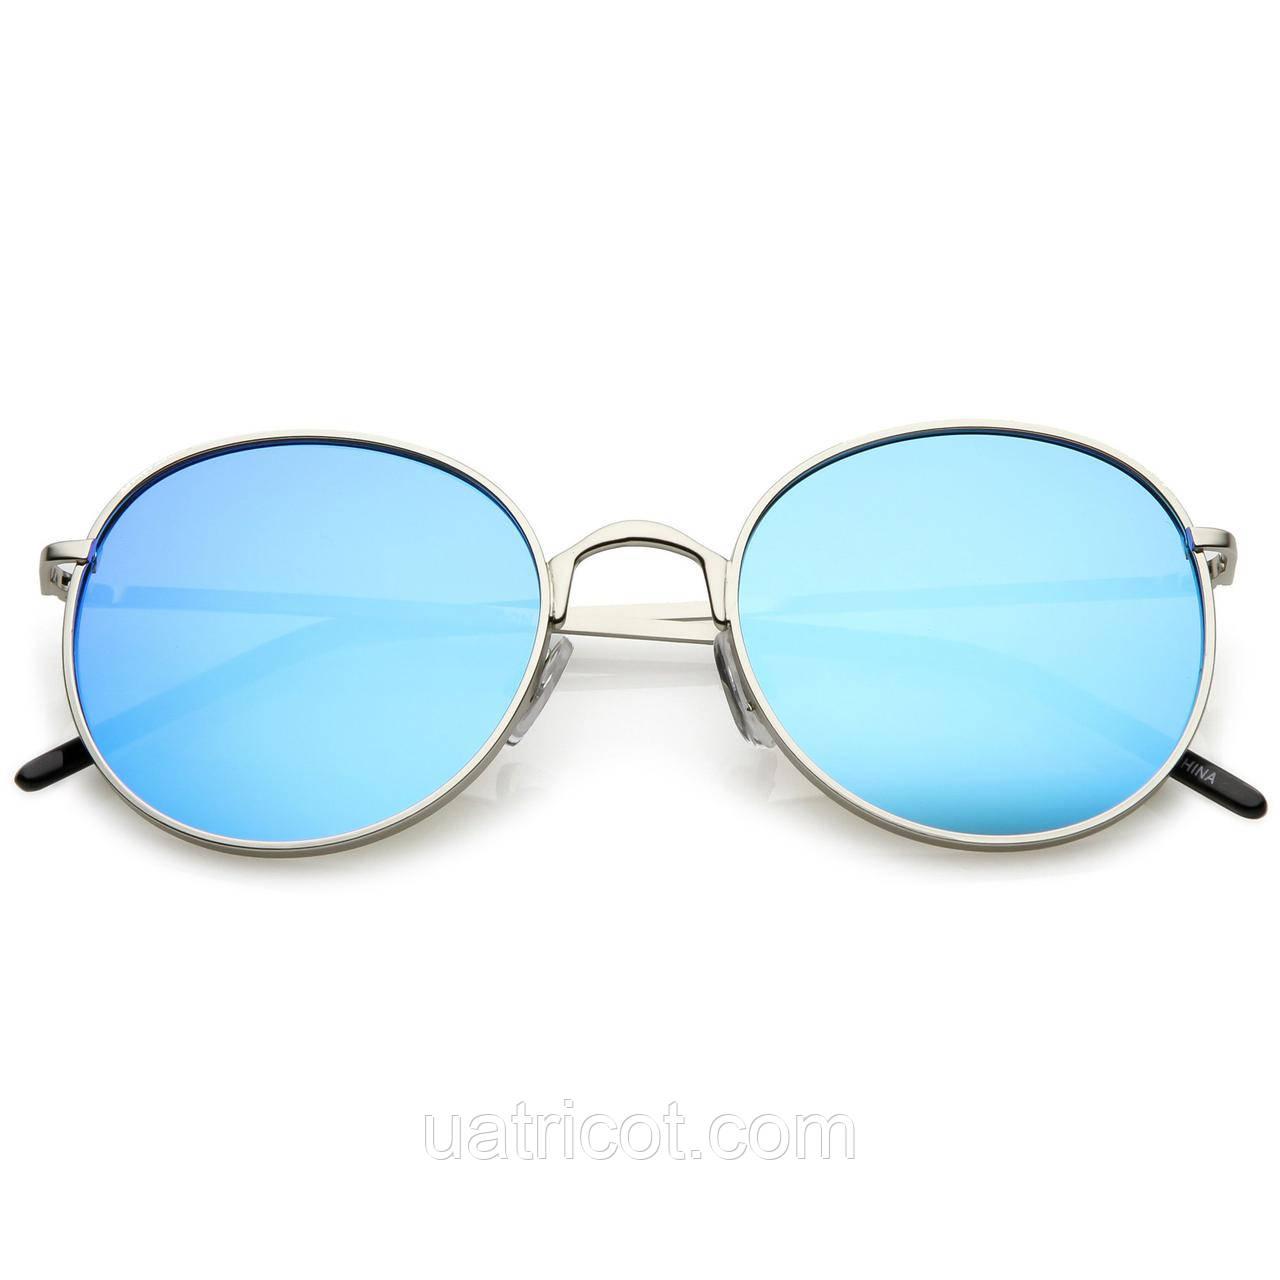 Мужские круглые солнцезащитные очки Retro с синей зеркальной линзой